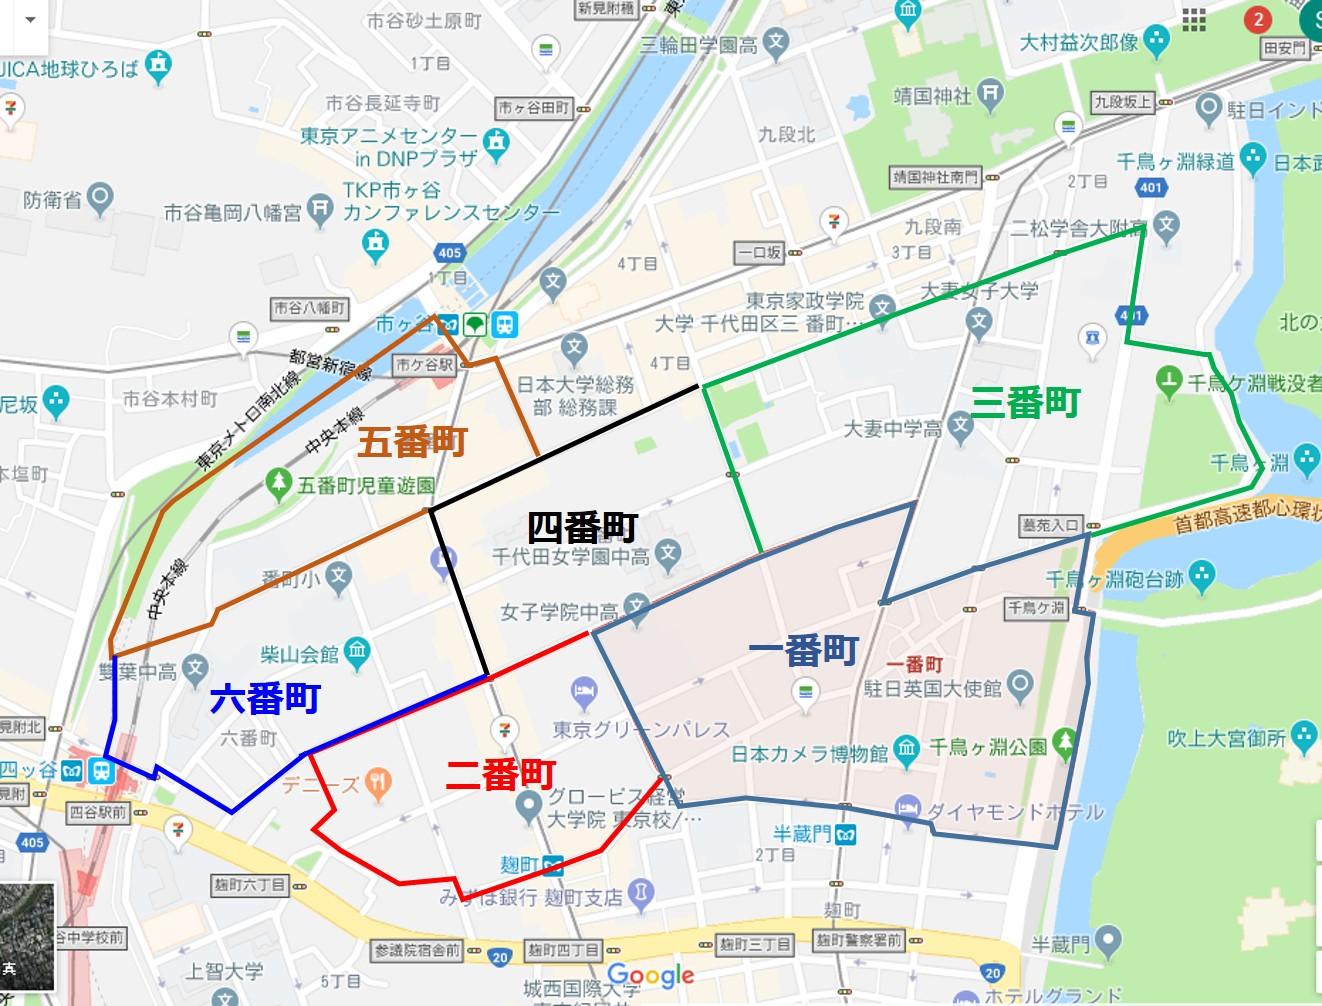 麹町地域 番町MAP